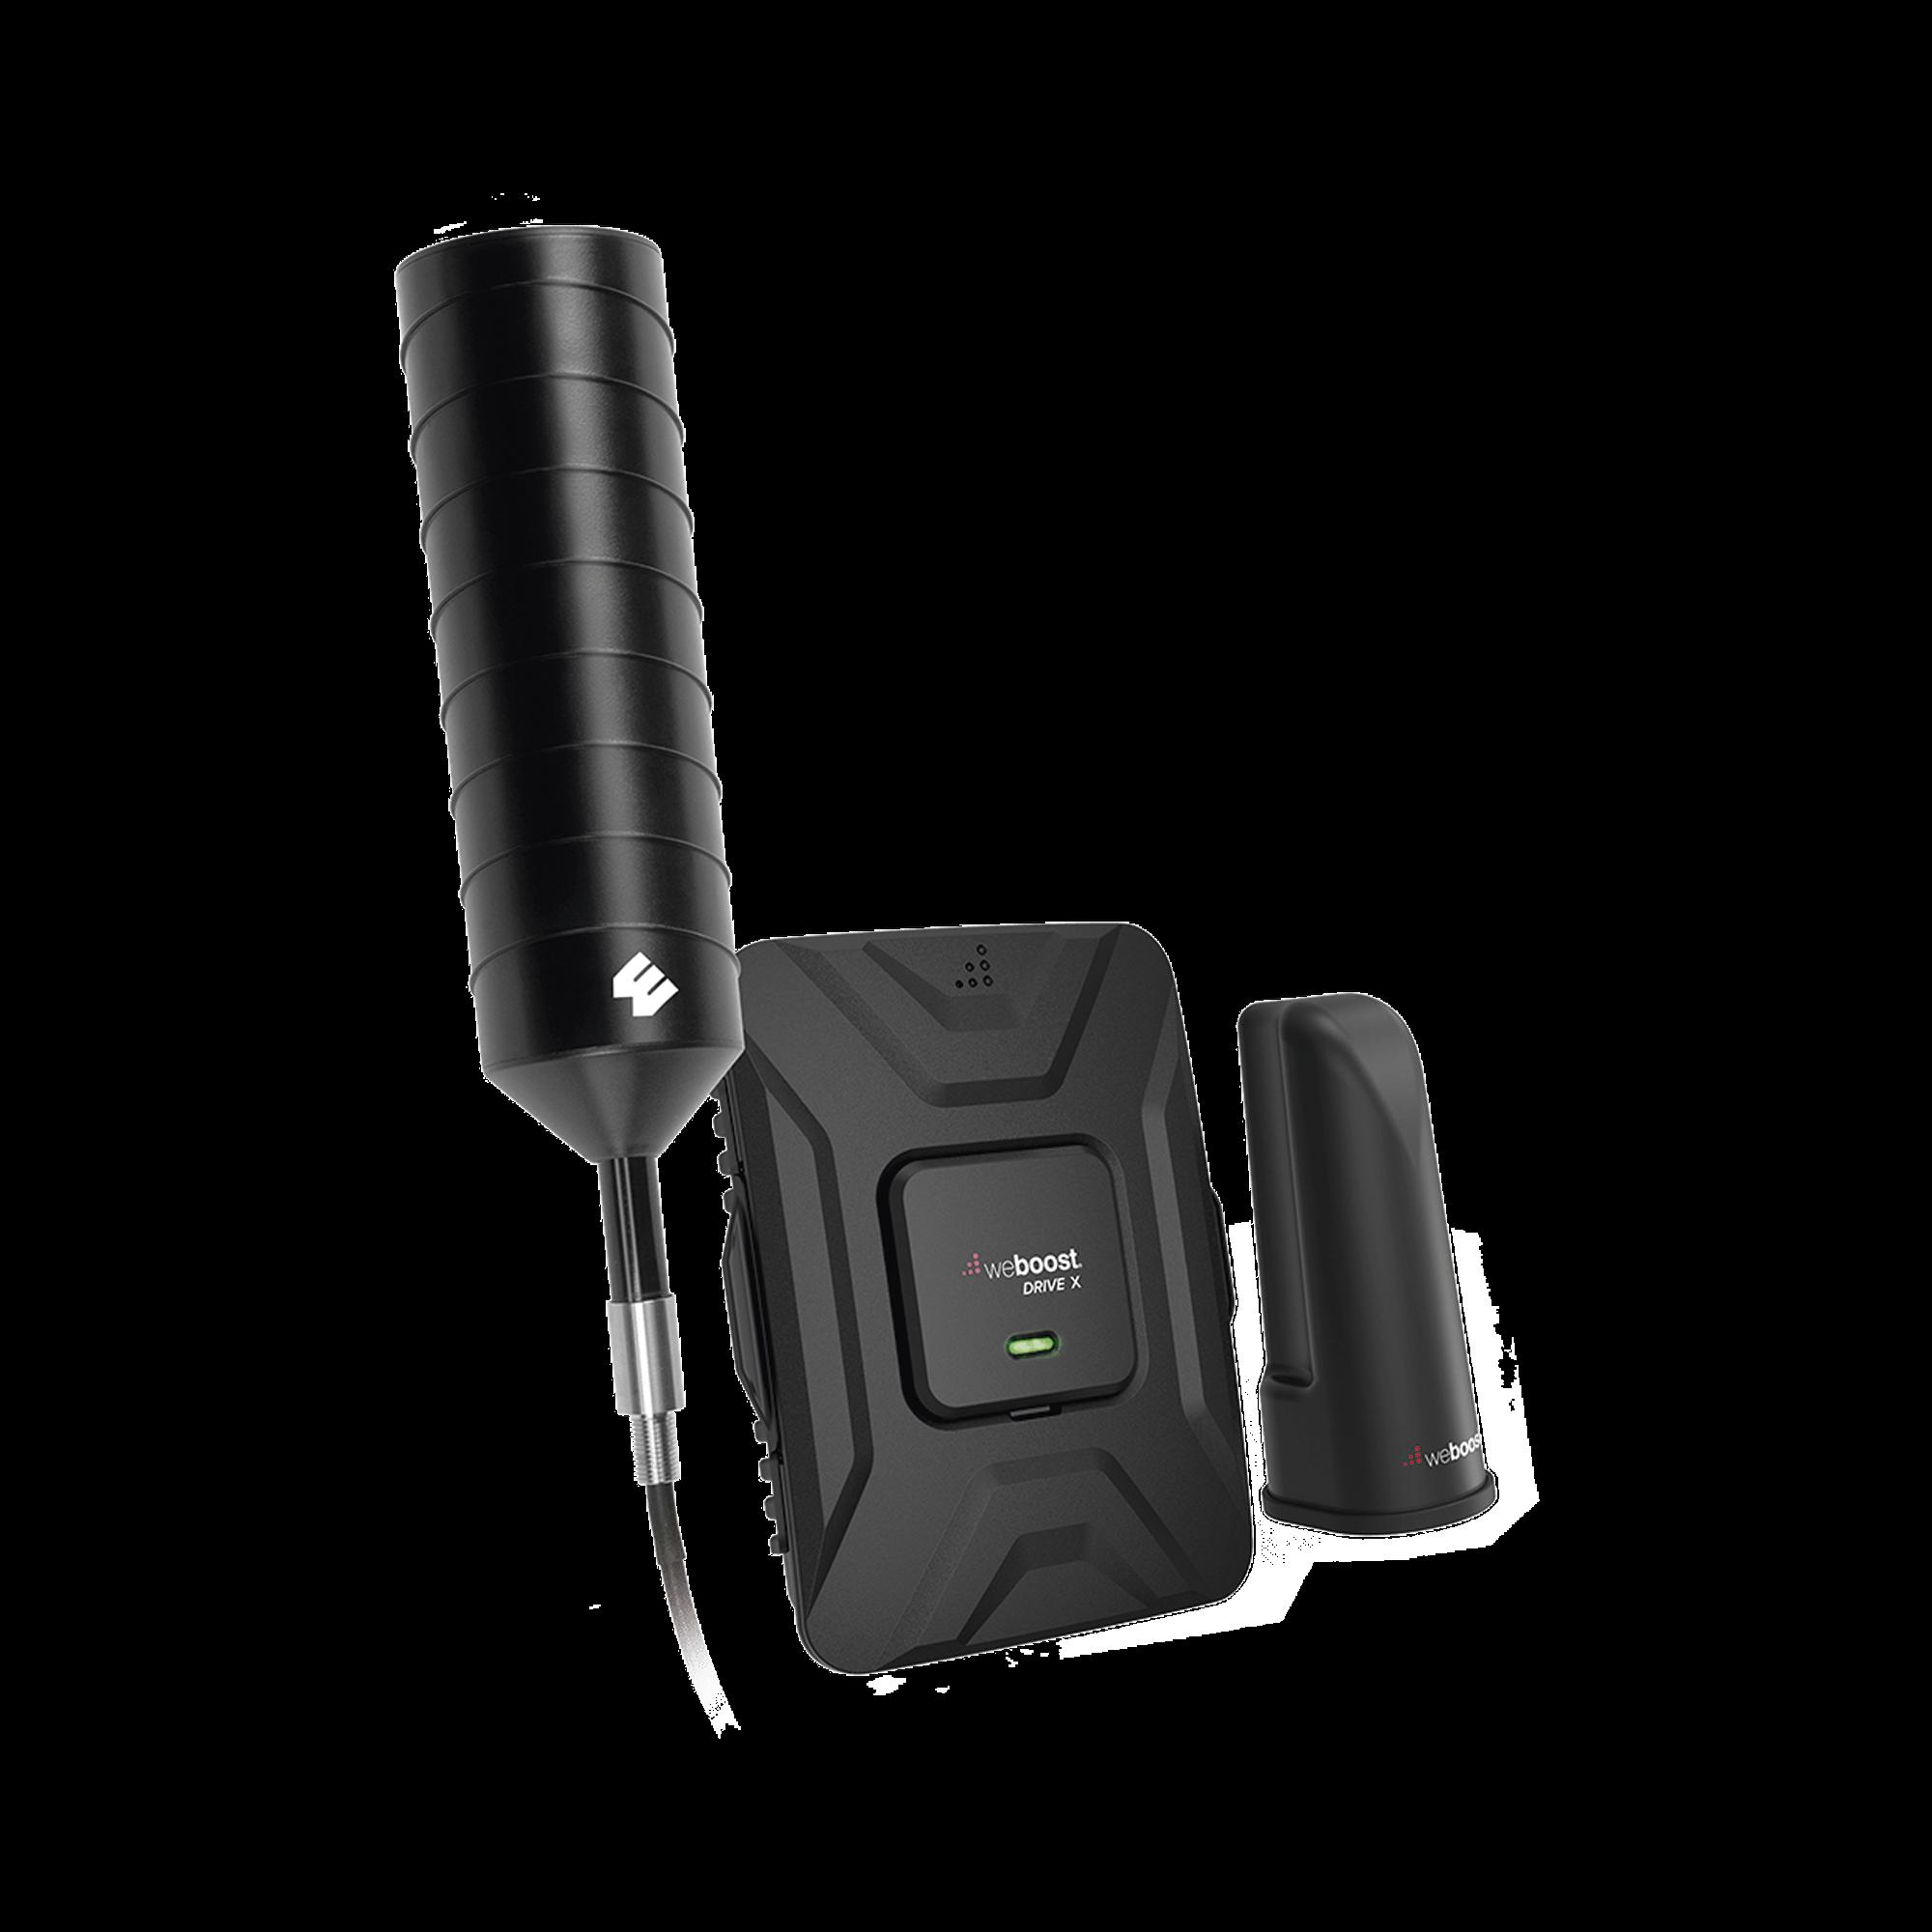 Kit de Amplificador de Señal Celular 4G LTE, 3G y Voz.  Ideal para vehículos recreacionales u oficinas móviles. 50 dB de Ganancia. Incluye todos los accesorios para su correcta instalación.